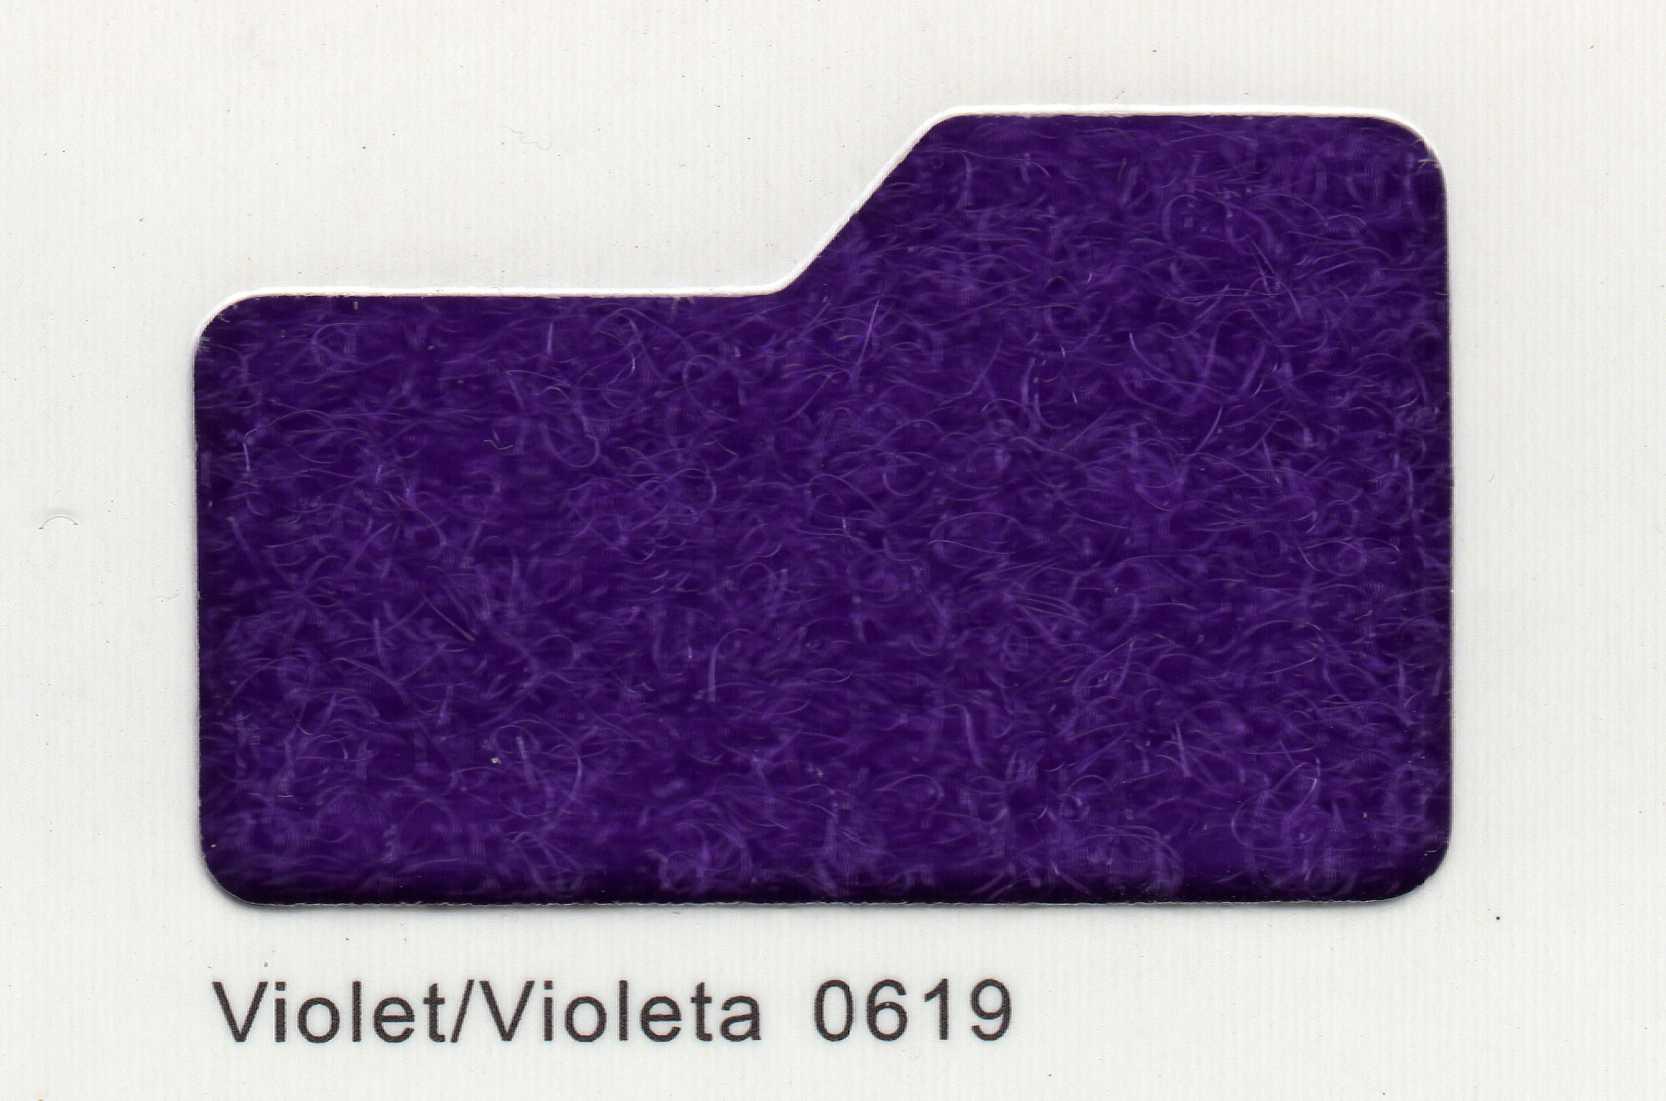 Cinta de cierre Velcro-Veraco 25mm Violeta 0619 (Gancho).